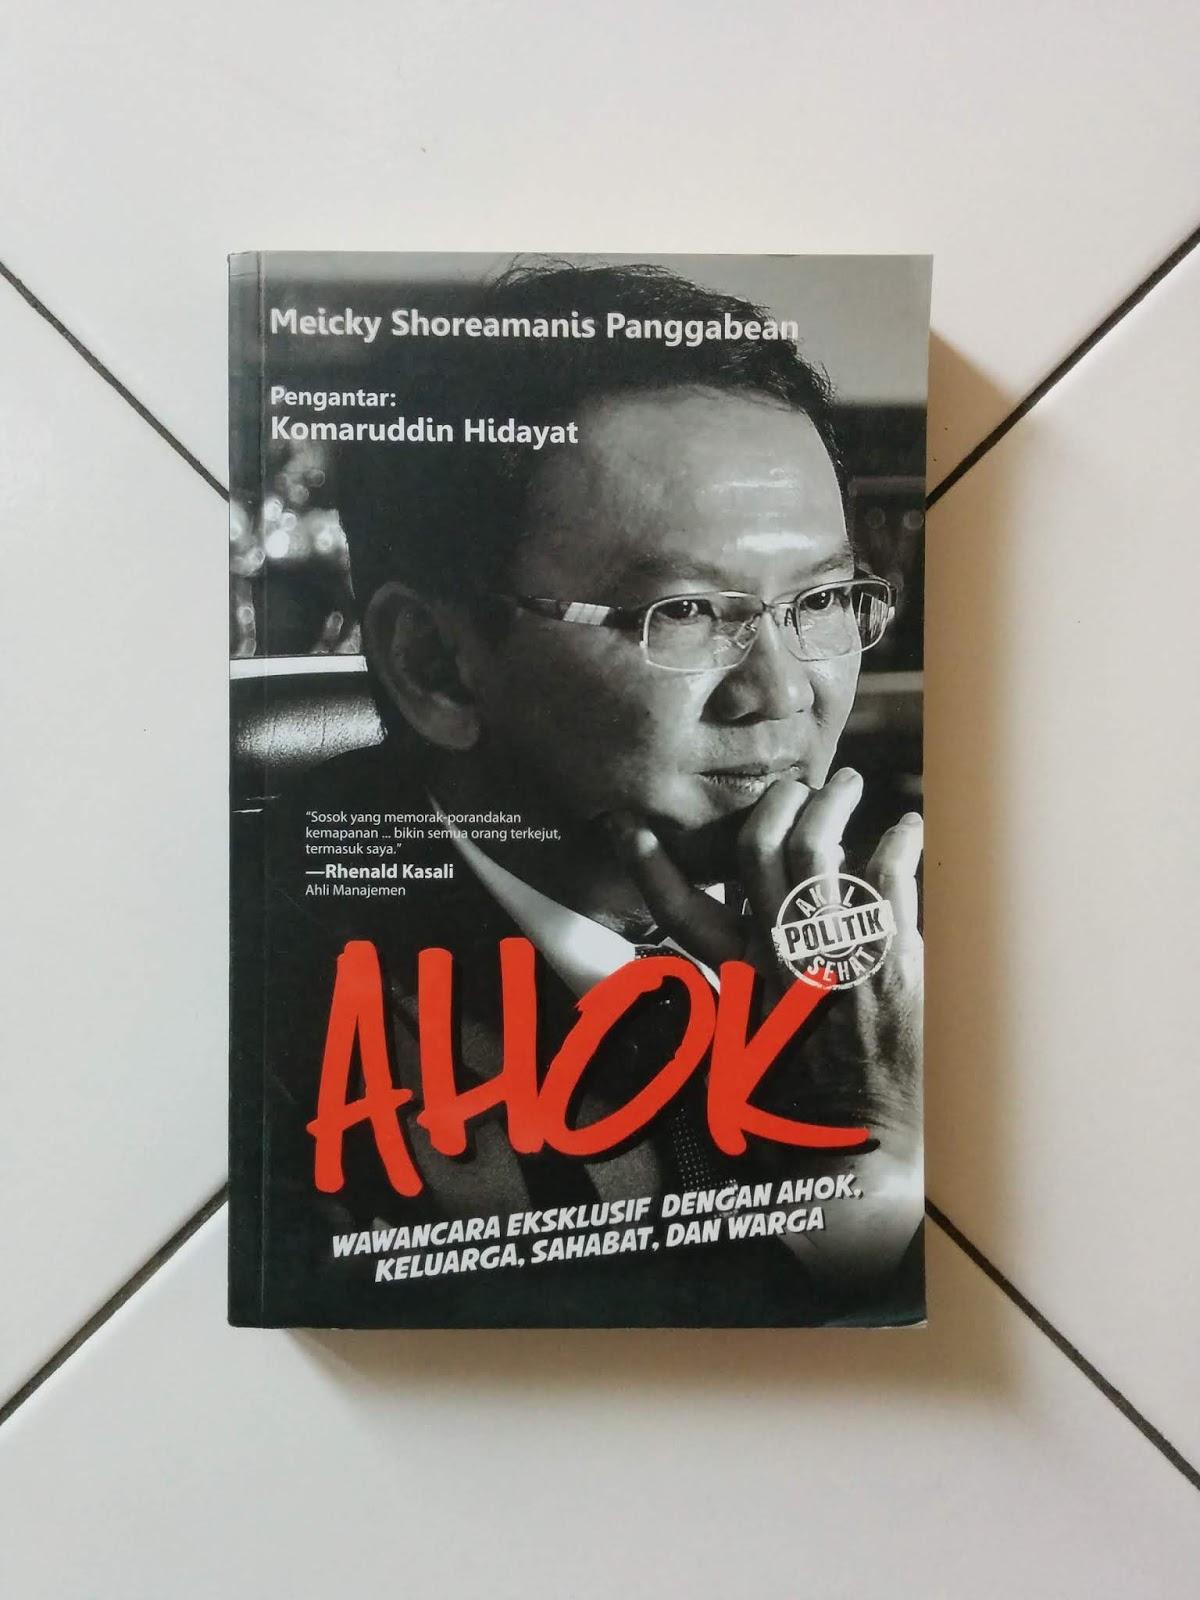 Buku Karya Meicky Shoreamanis Panggabean